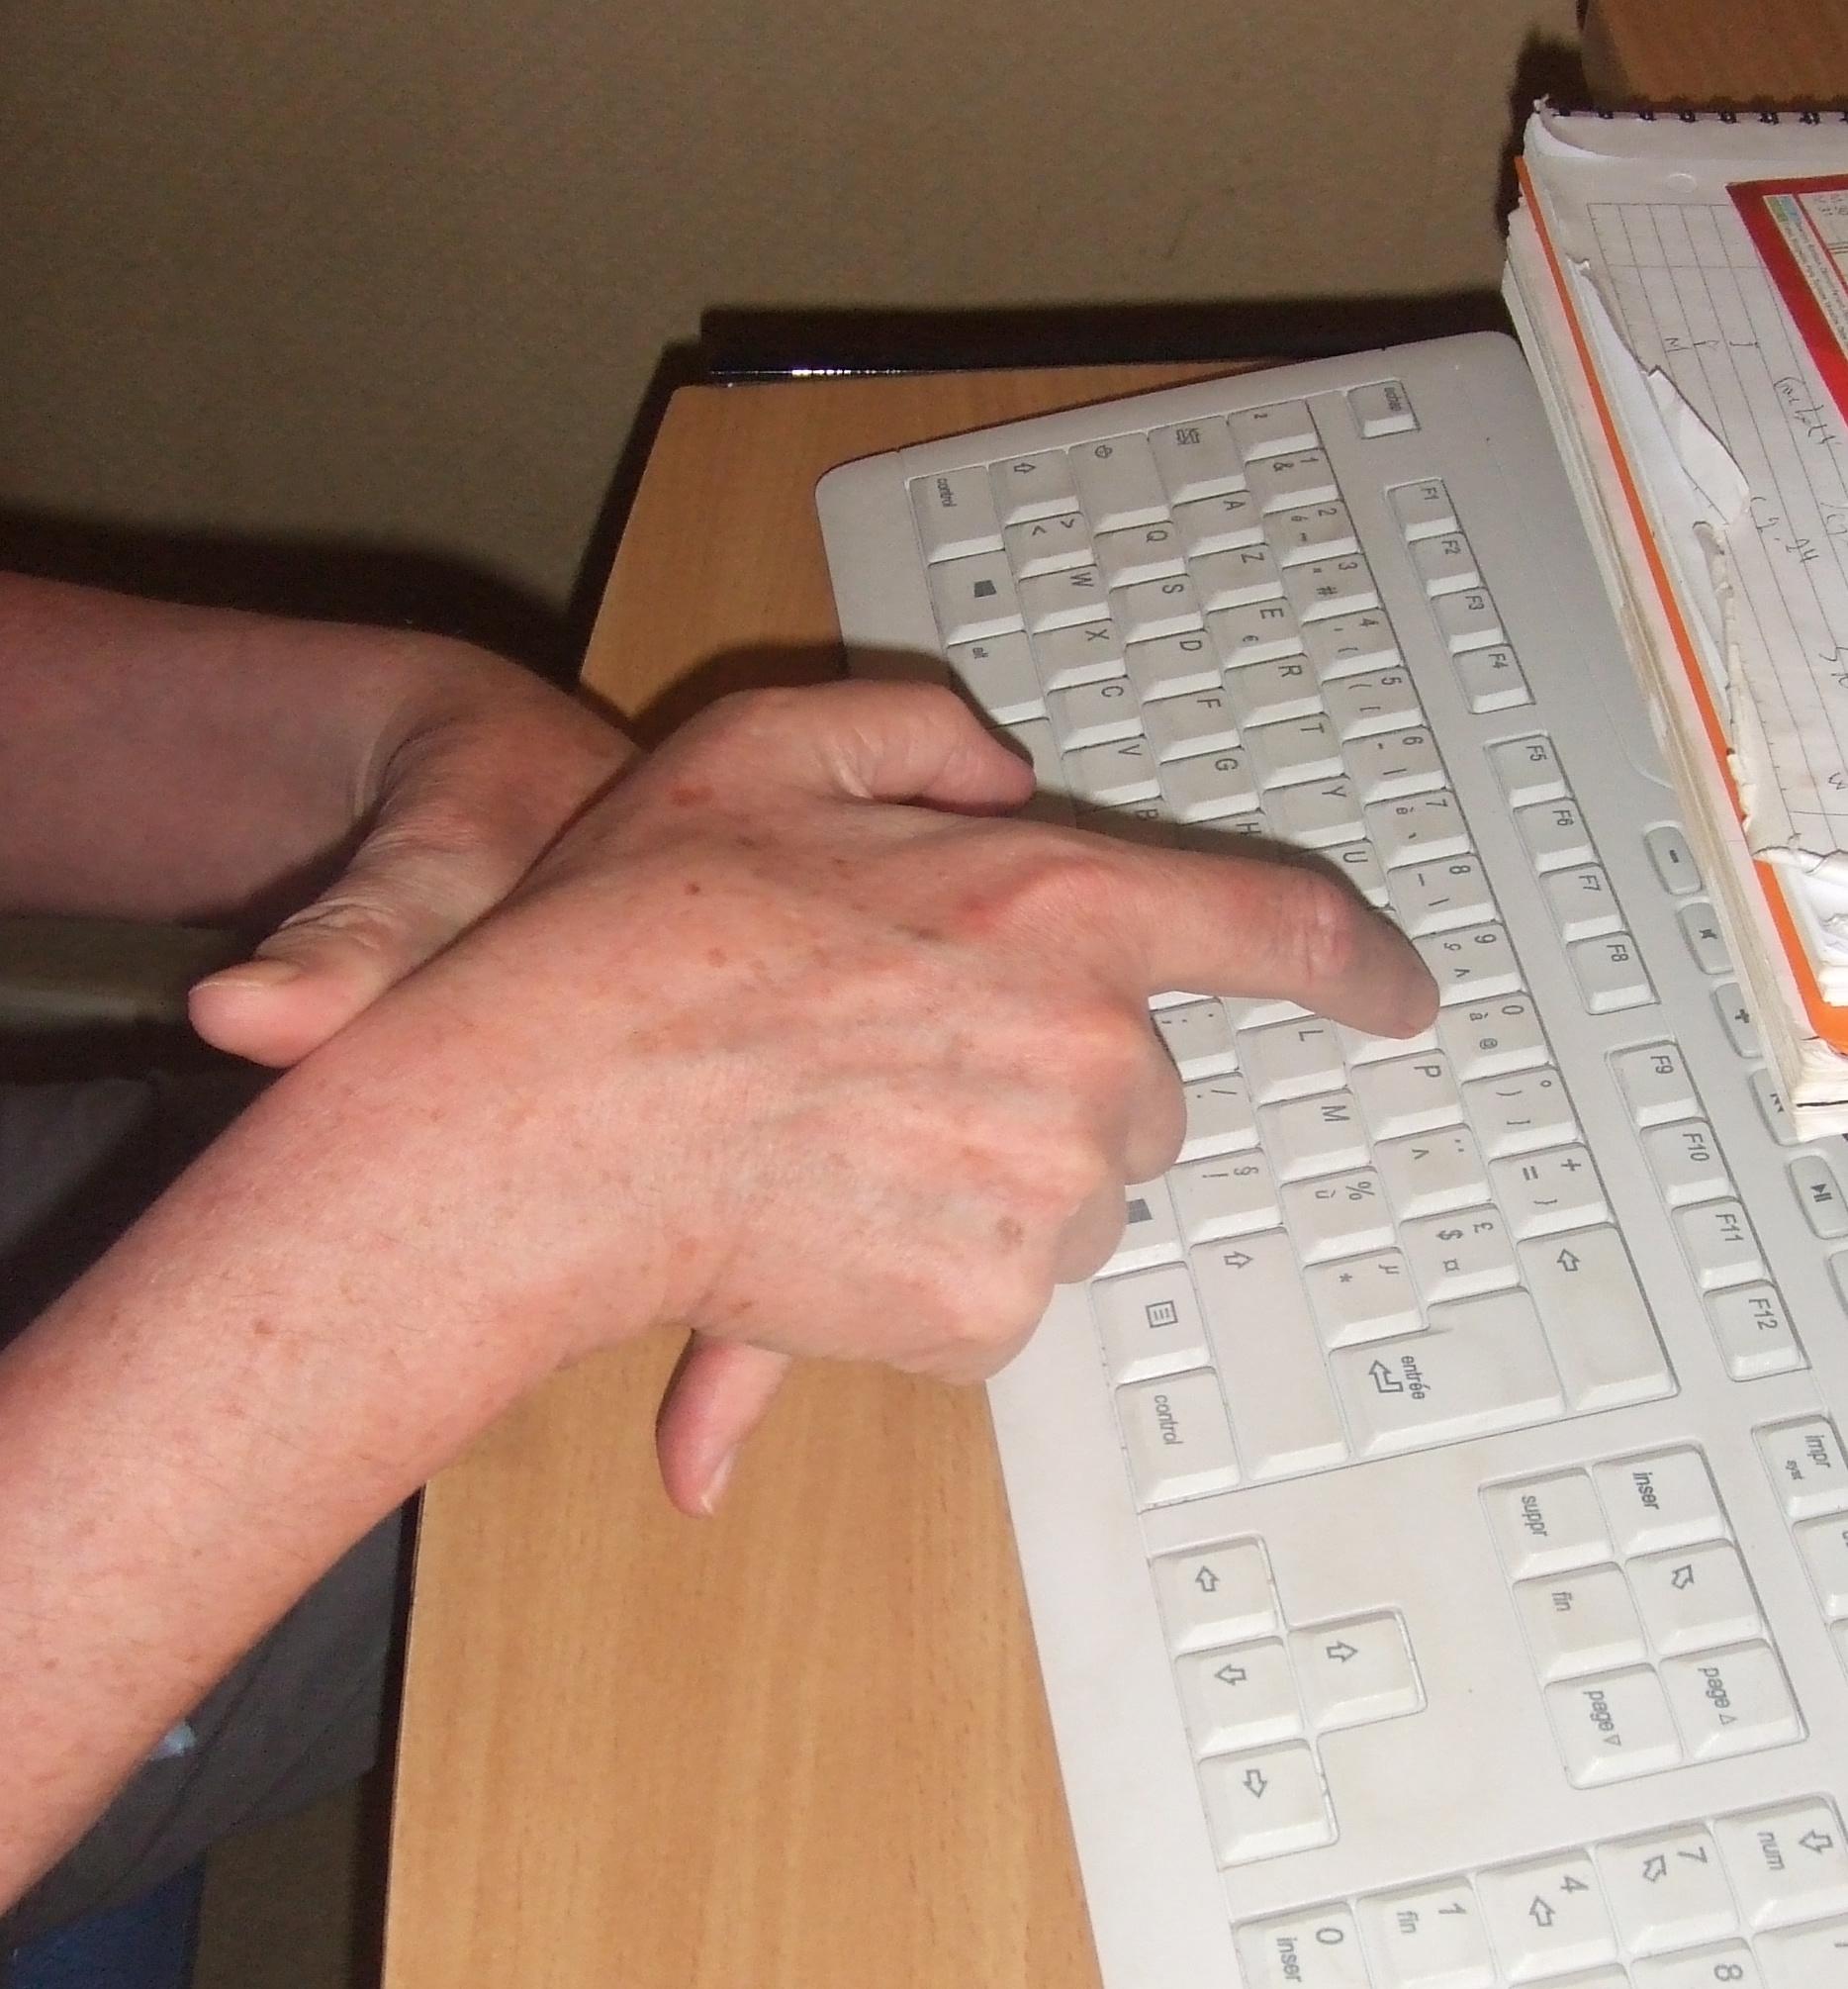 image_thumb_Mon compte d'entraide pour Jean-Michel, mon compagnon